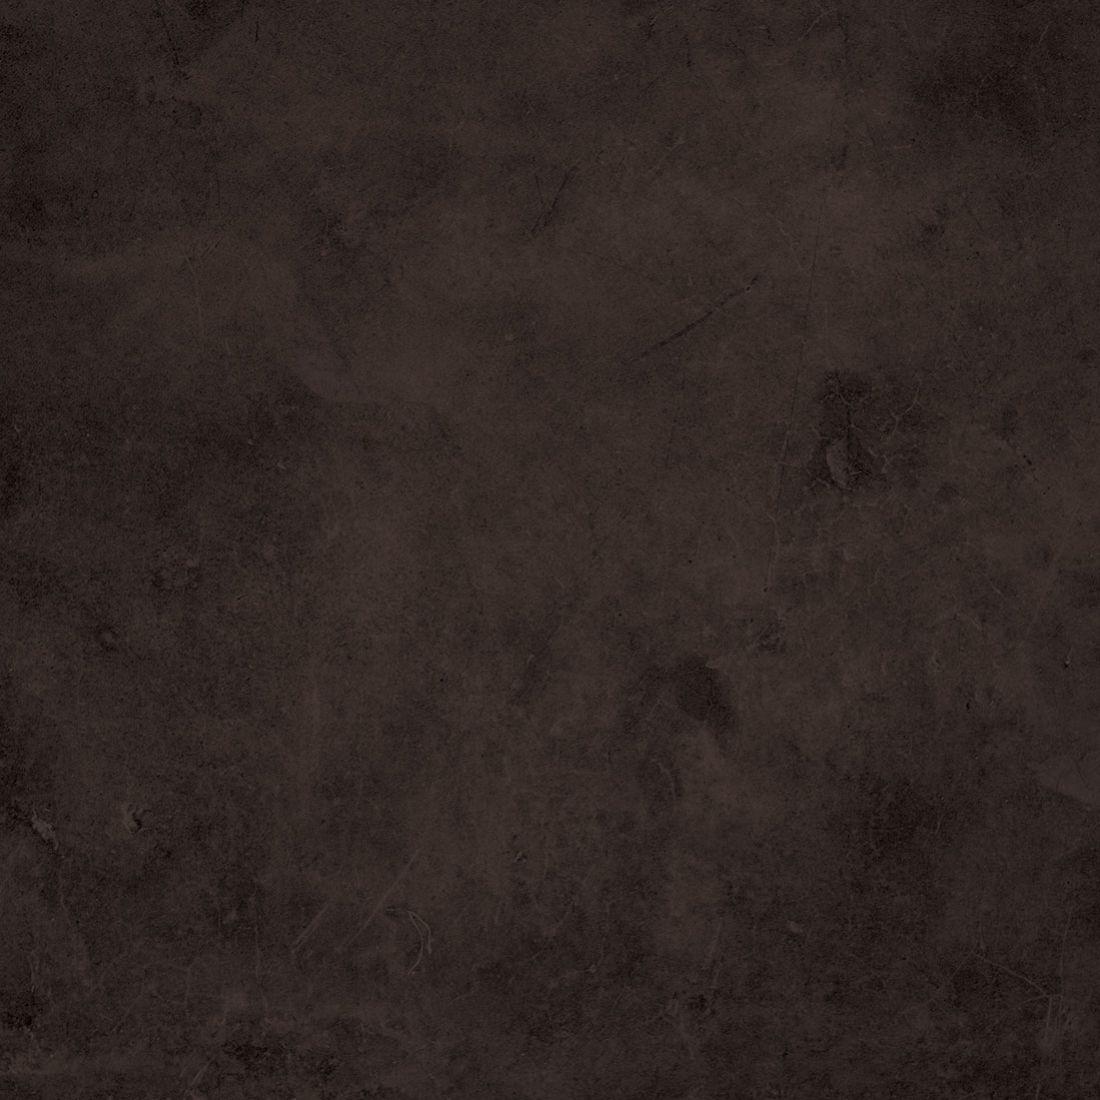 Matière béton nuancé dans les tons bruns